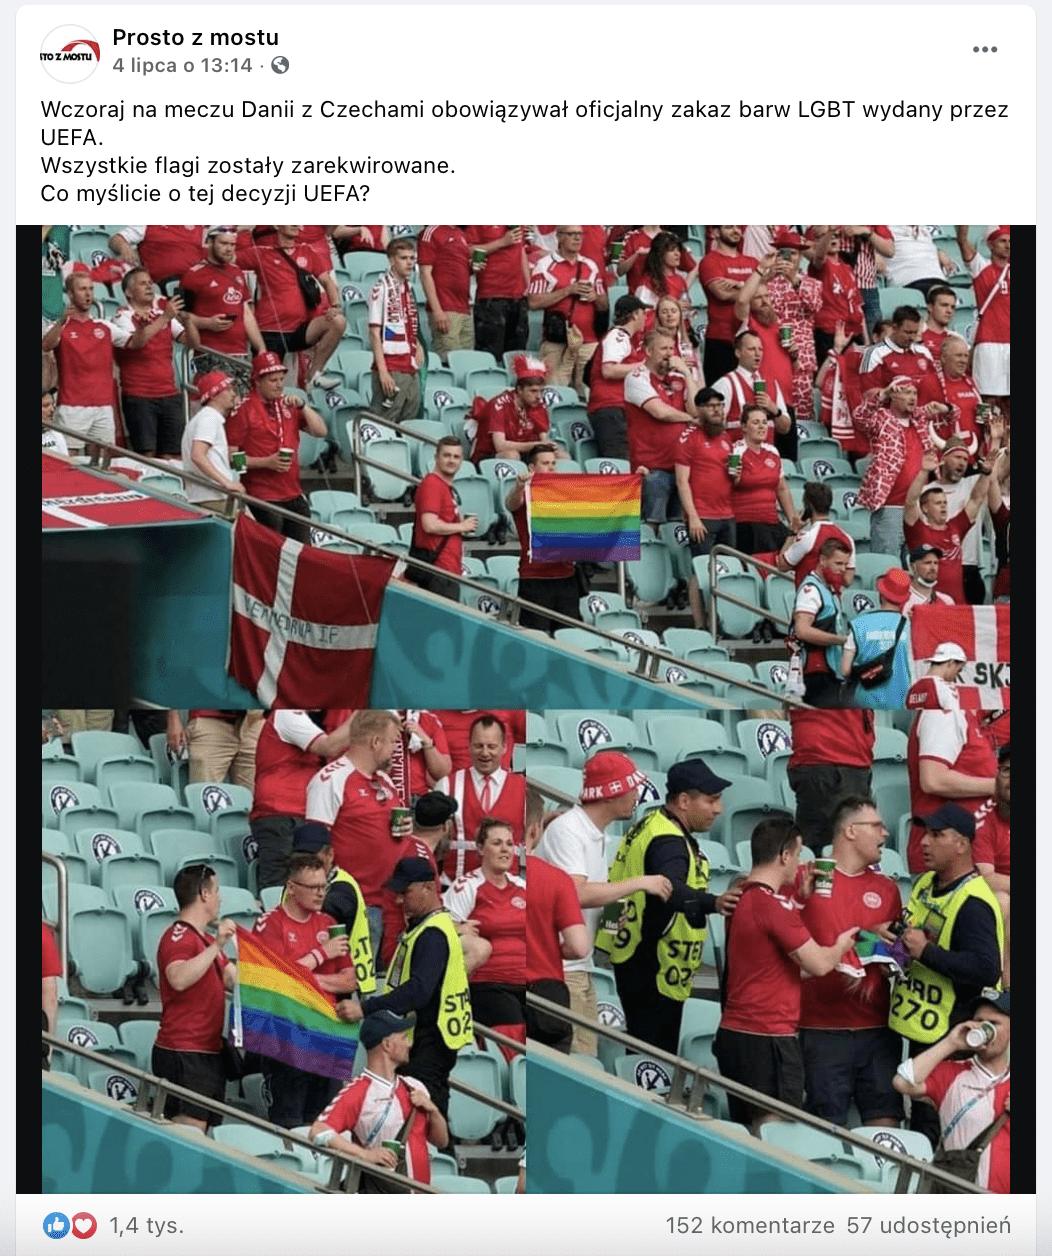 Zrzut ekranu zFacebooka. Nazdjęciach widzimy duńskich kibiców, którym stewardzi zabierają flagę LGBT.